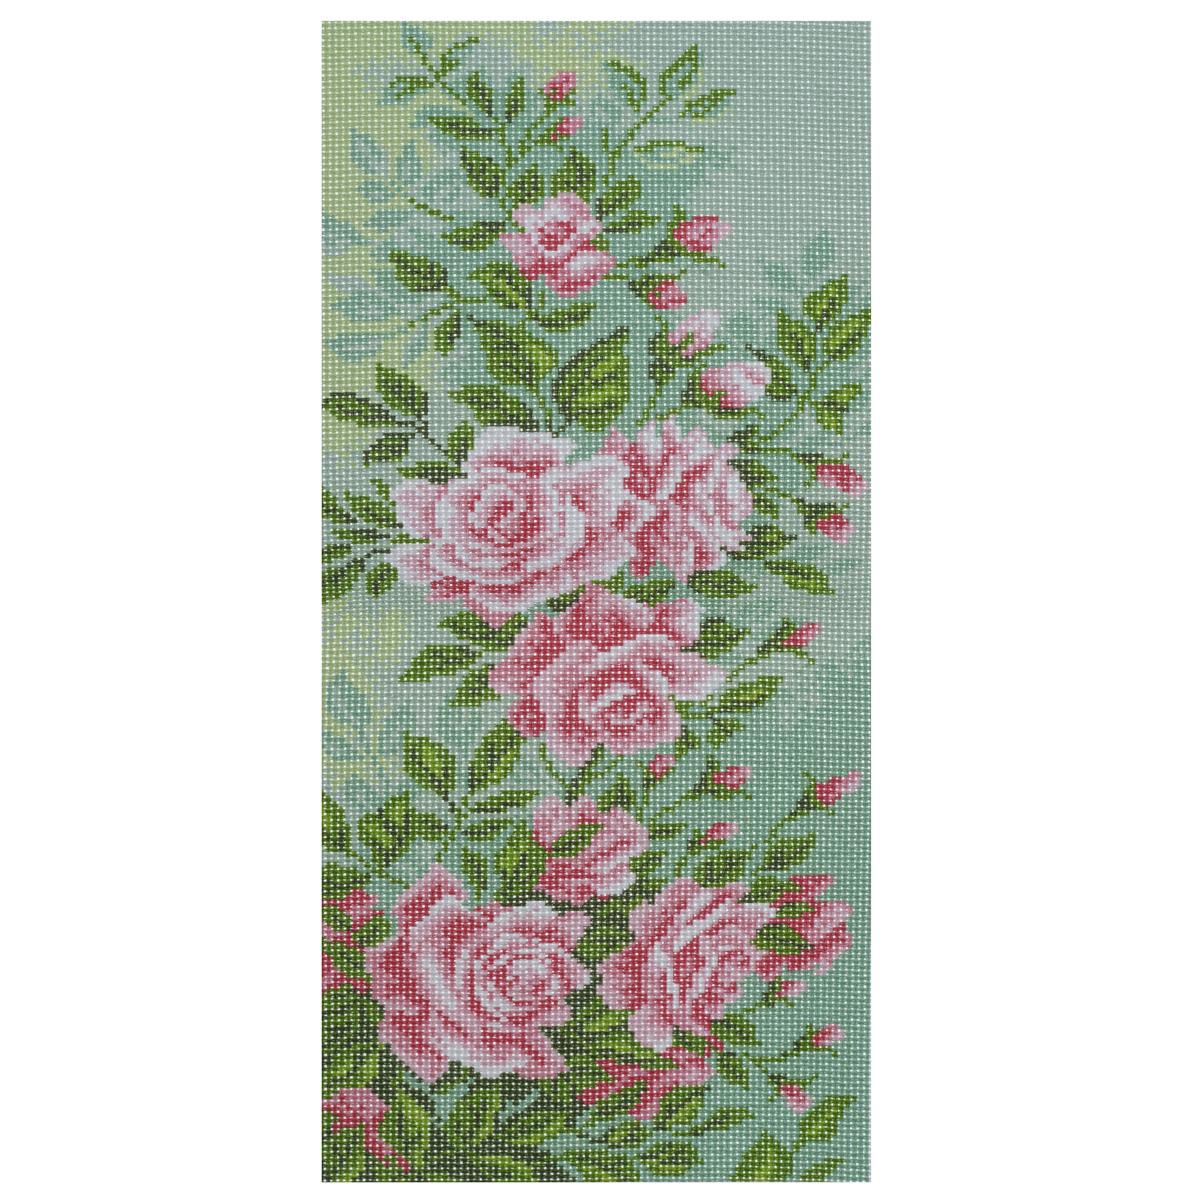 Канва с рисунком для вышивания Плетистая роза, 24 см х 47 см. 581755 - Матренин Посад581755_плетистая розаКанва с рисунком для вышивания Плетистая роза изготовлена из хлопка. Рисунок-вышивка выполненный на такой канве, выглядит очень оригинально. Вышивка выполняется в технике полный крестик в 2-3 нити или полукрестом в 4 нити. Для этого возьмите отрез (60 см) мулине нужного цвета, который состоит из 6 ниточек. Вышивание отвлечет вас от повседневных забот и превратится в увлекательное занятие! Работа, сделанная своими руками, создаст особый уют и атмосферу в доме и долгие годы будет радовать вас и ваших близких, а подарок, выполненный собственноручно, станет самым ценным для друзей и знакомых. Рекомендуемое количество цветов: 10. Не рекомендуется стирать или мочить рисунок на канве перед вышиванием. УВАЖАЕМЫЕ КЛИЕНТЫ! Обращаем ваше внимание, на тот факт, что цвет символа на ткани может отличаться от реального цвета нити мулине.